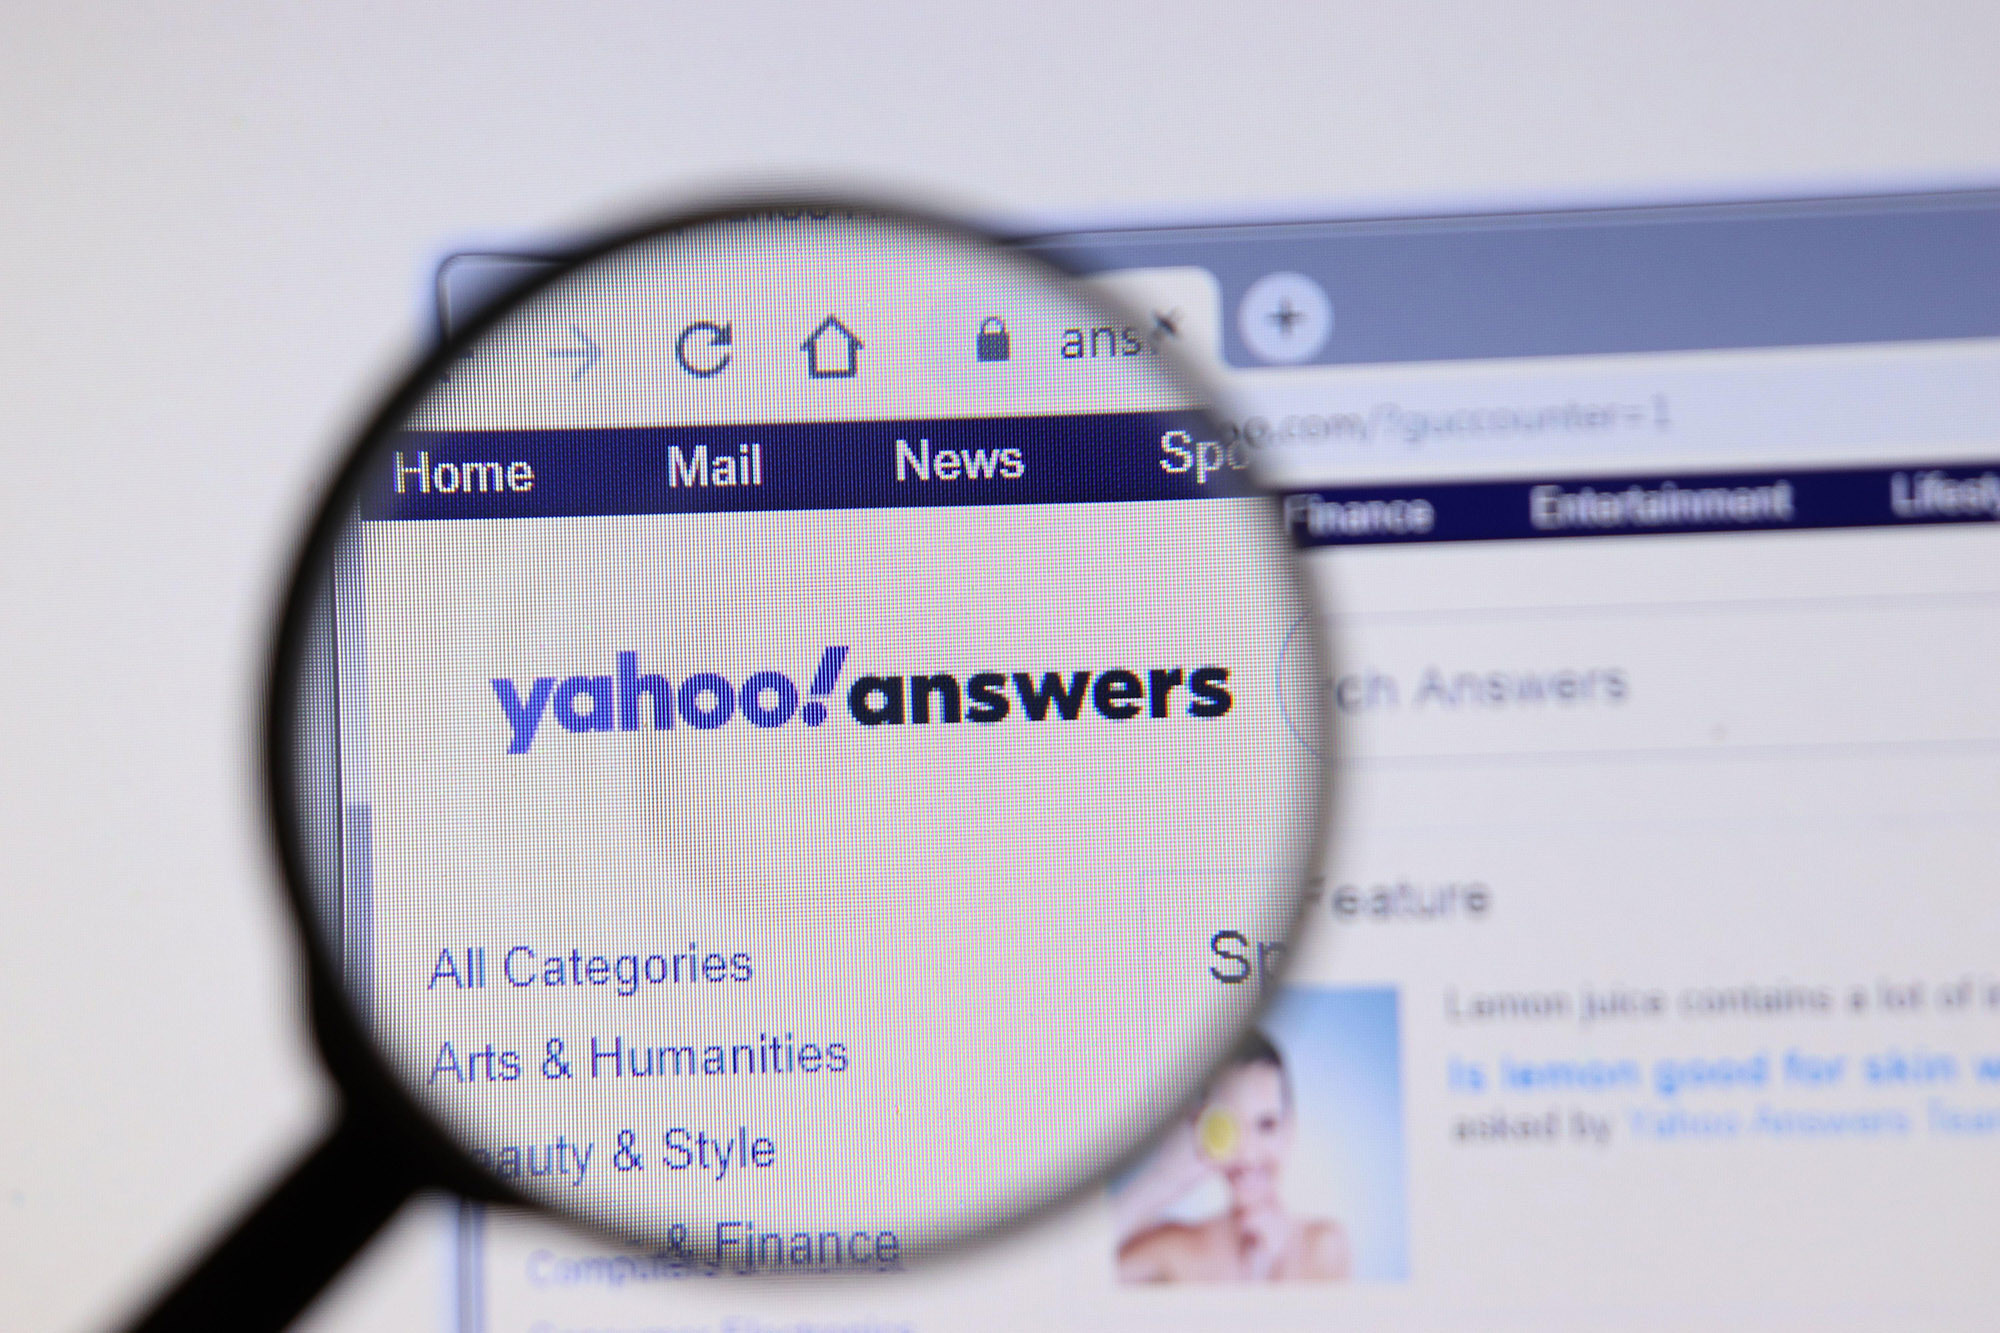 Το Yahoo Answers σταματά να δίνει απαντήσεις στις 4 Μαΐου